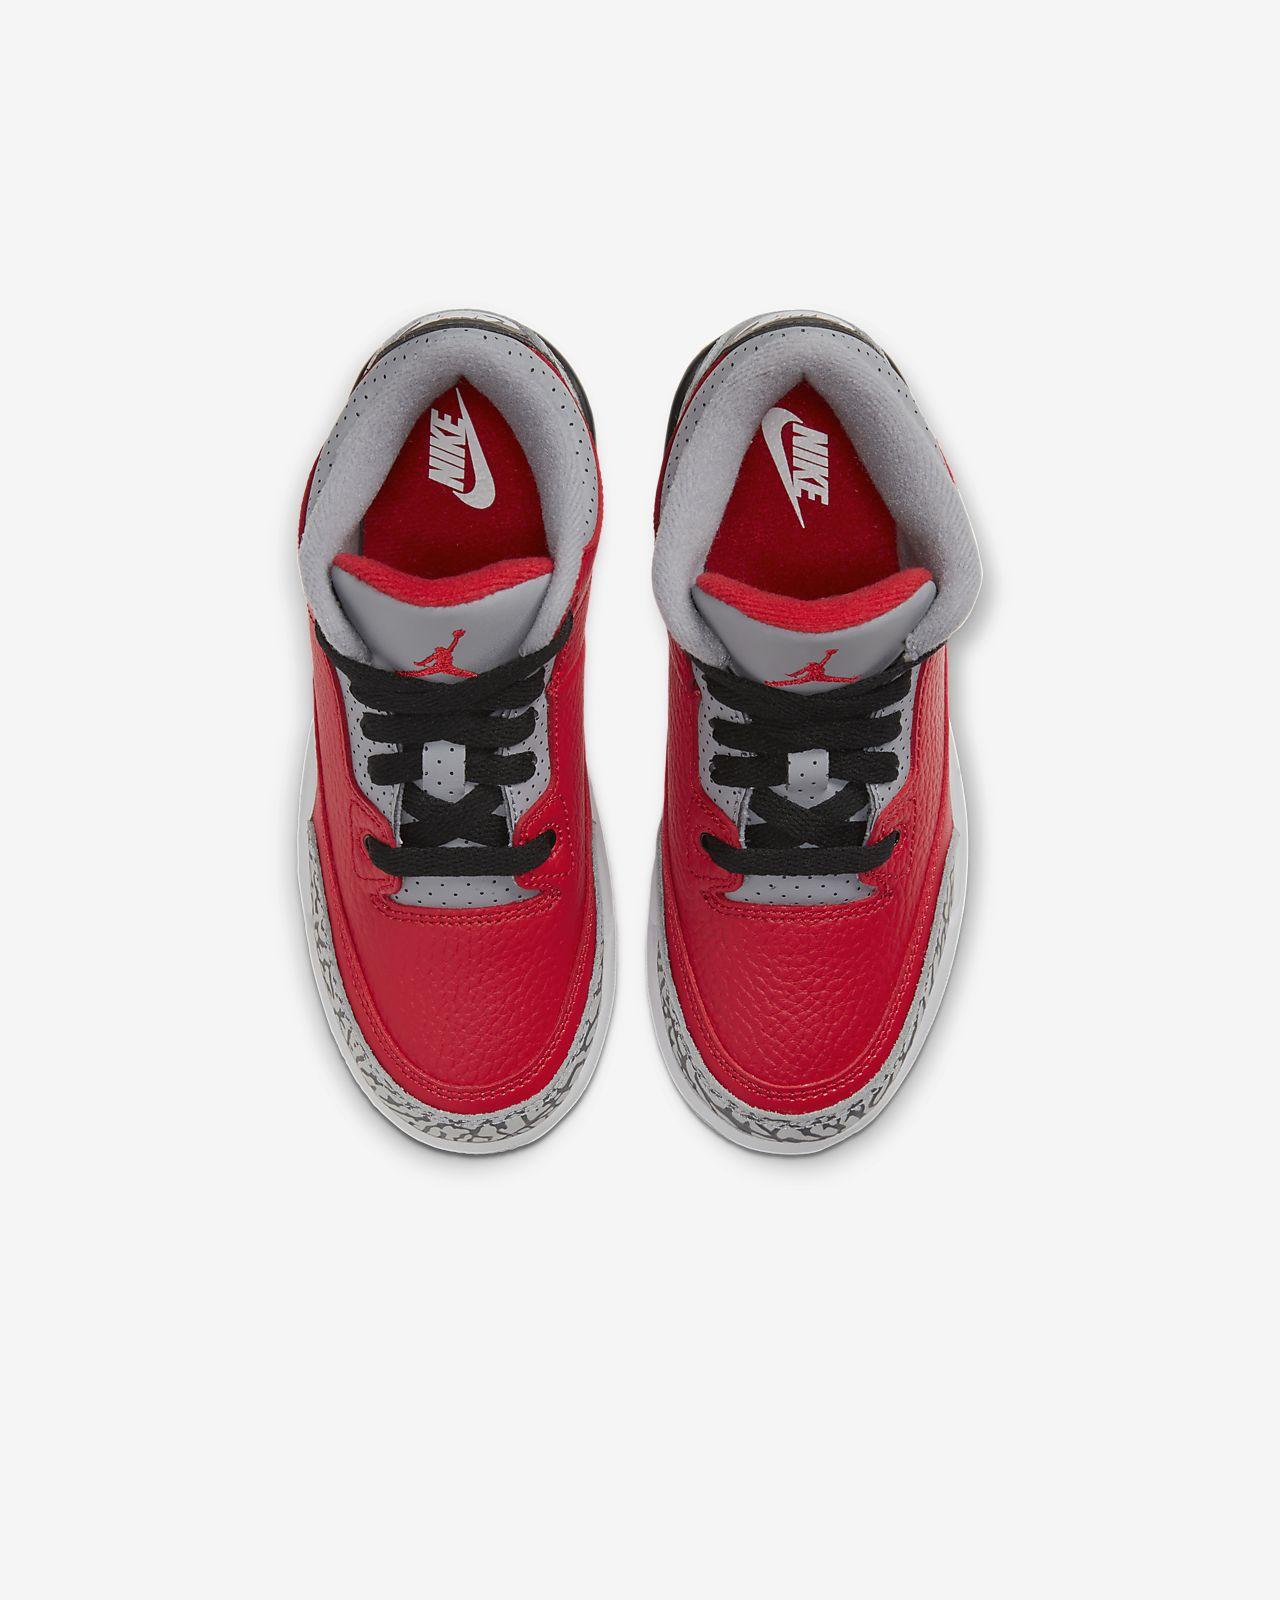 affordable price excellent quality classic style Chaussure Jordan 3 Retro SE pour Jeune enfant. Nike FR